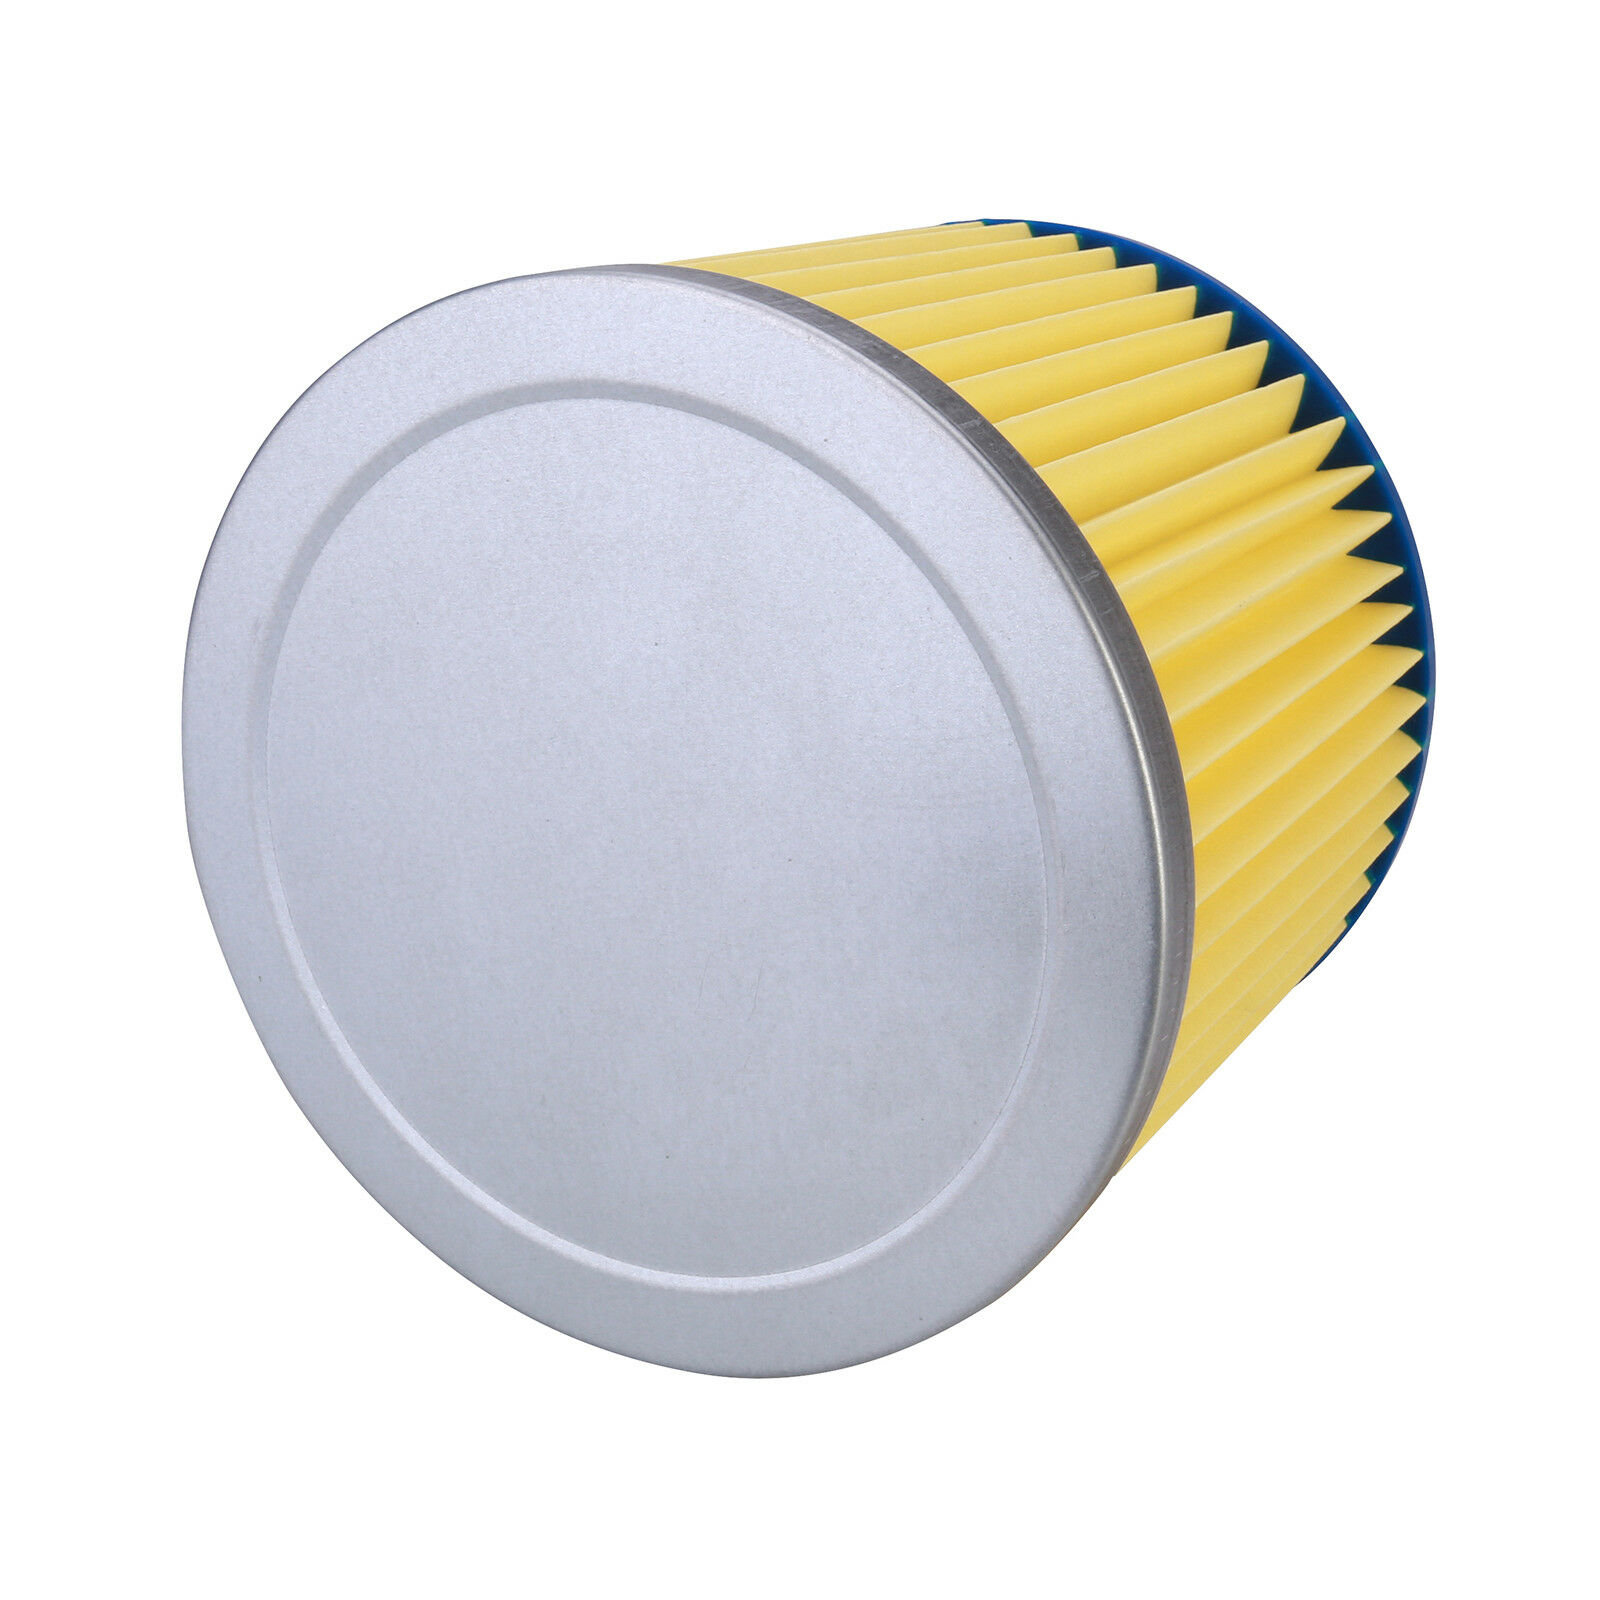 Pack x 2 Vacuum Cleaner Sponge Foam Filters For Earlex WD1000 Wet /& Dry Hoover